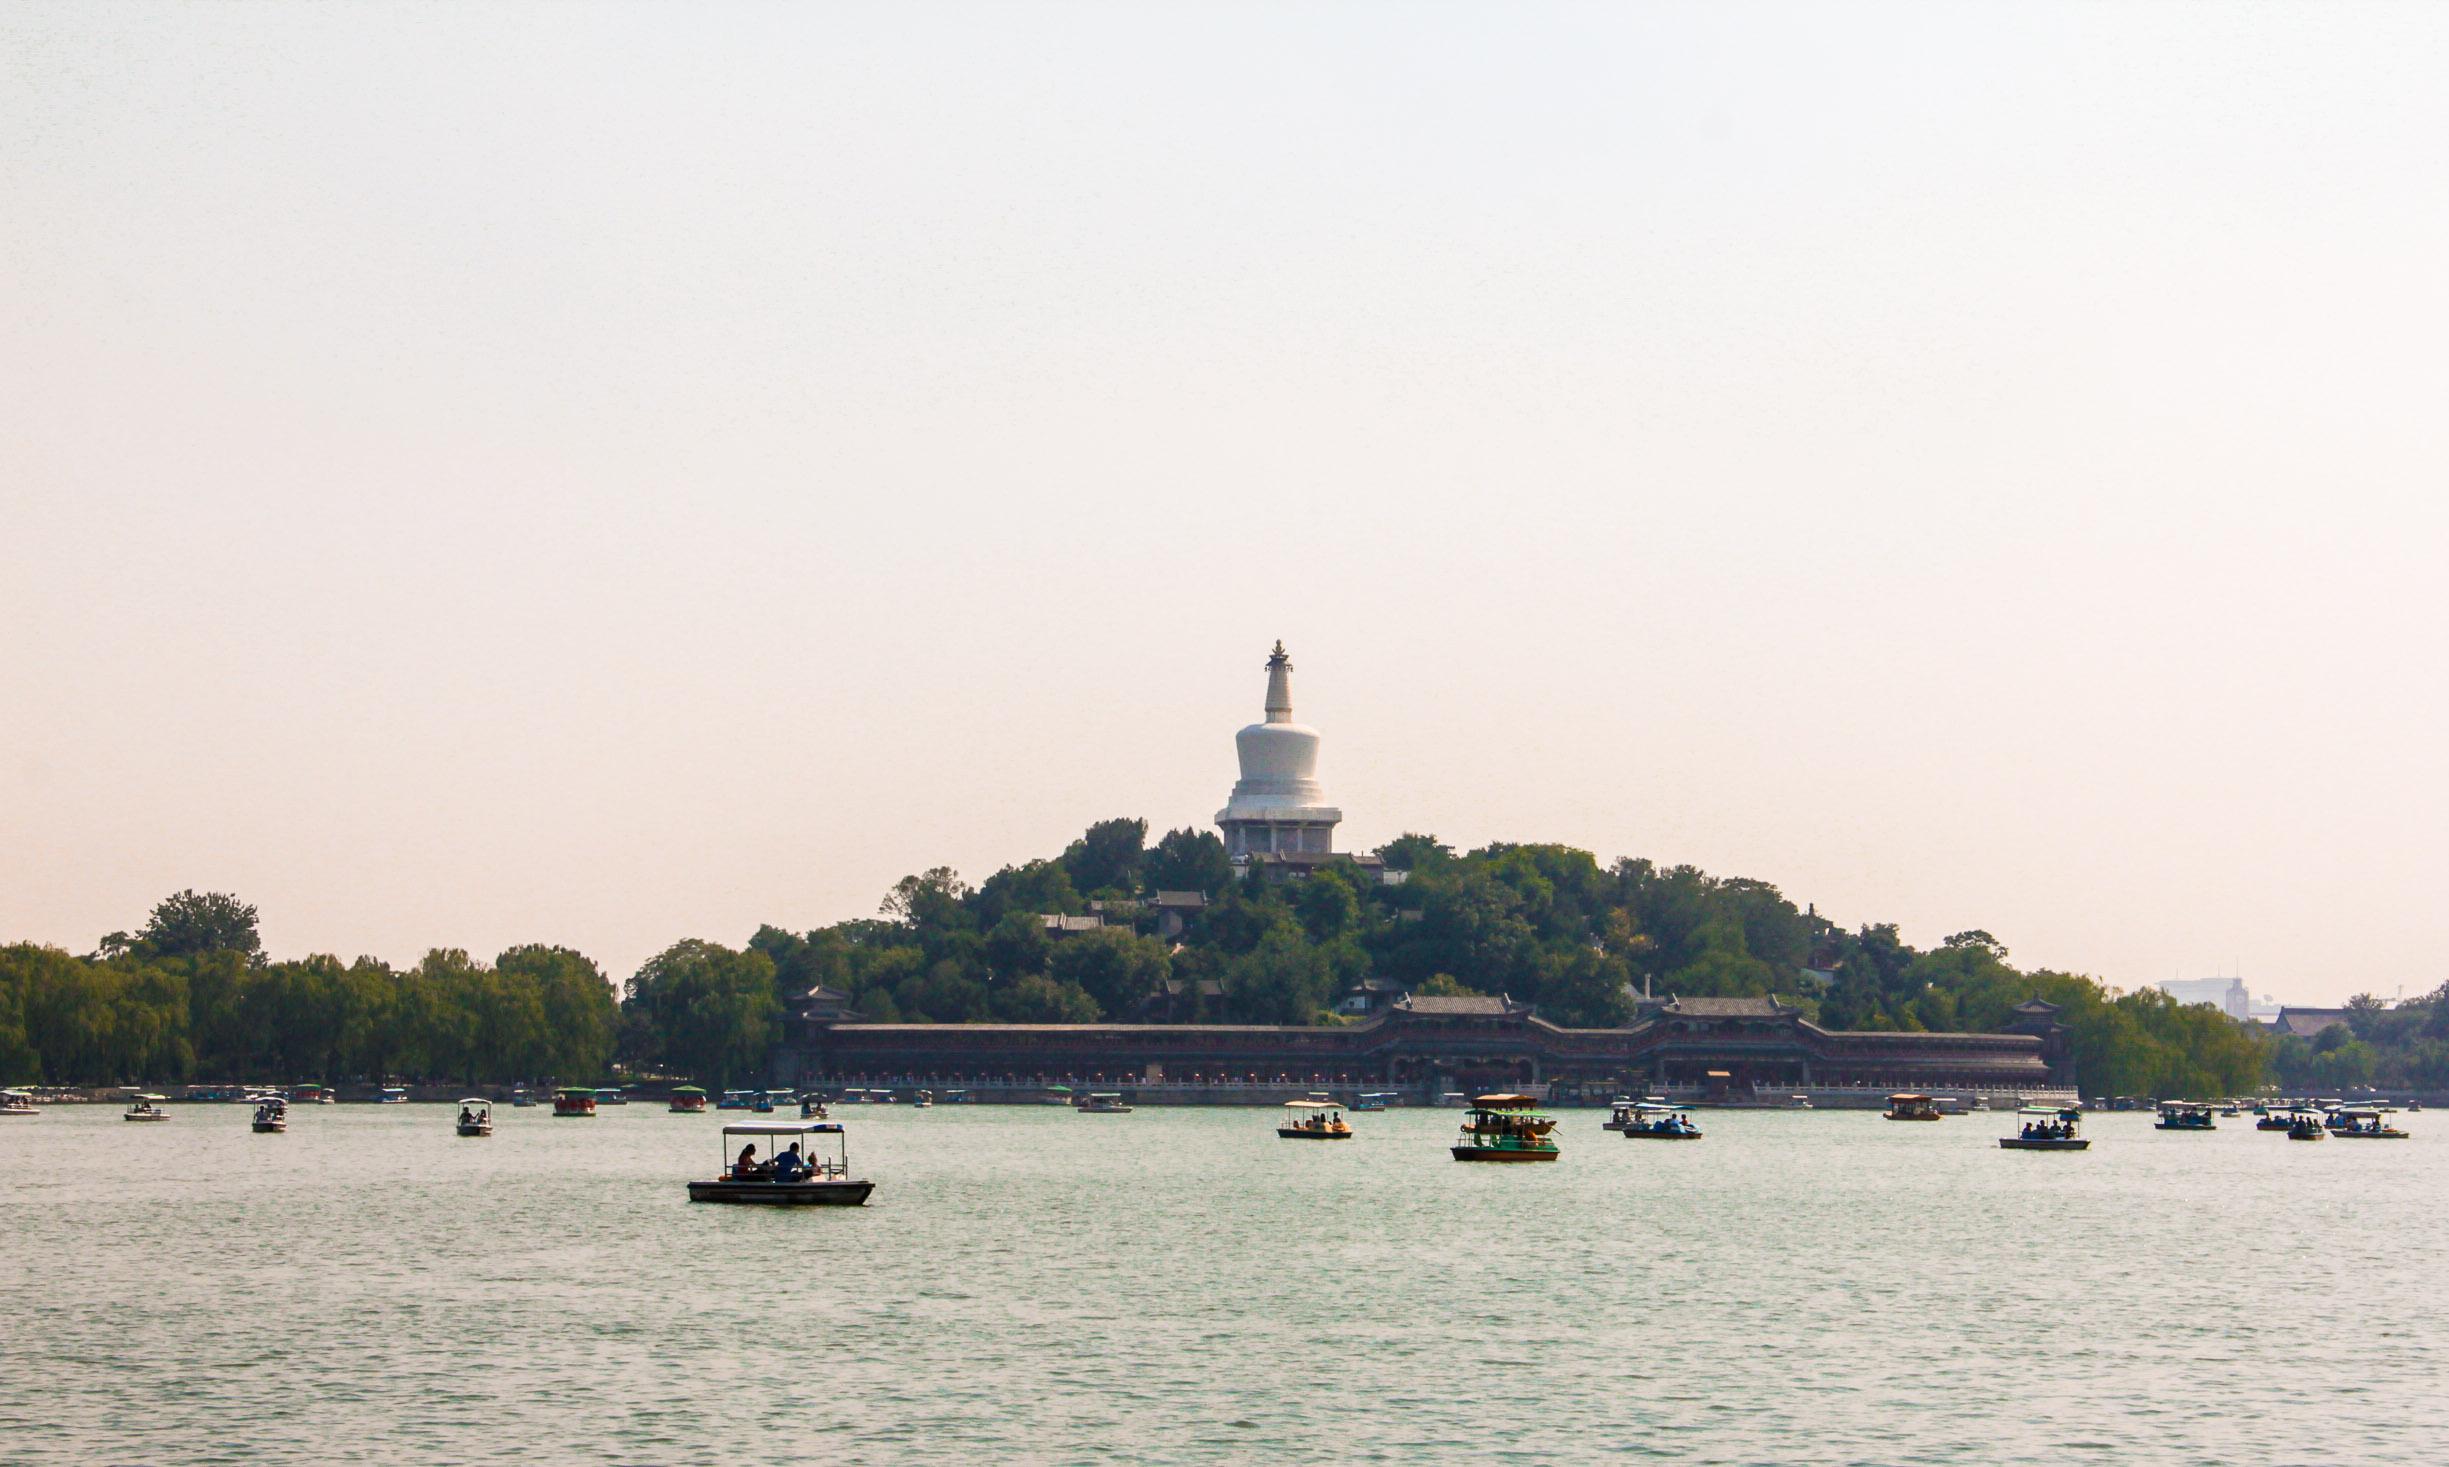 lac du parc Beihai avec la Stupa blanche au fond